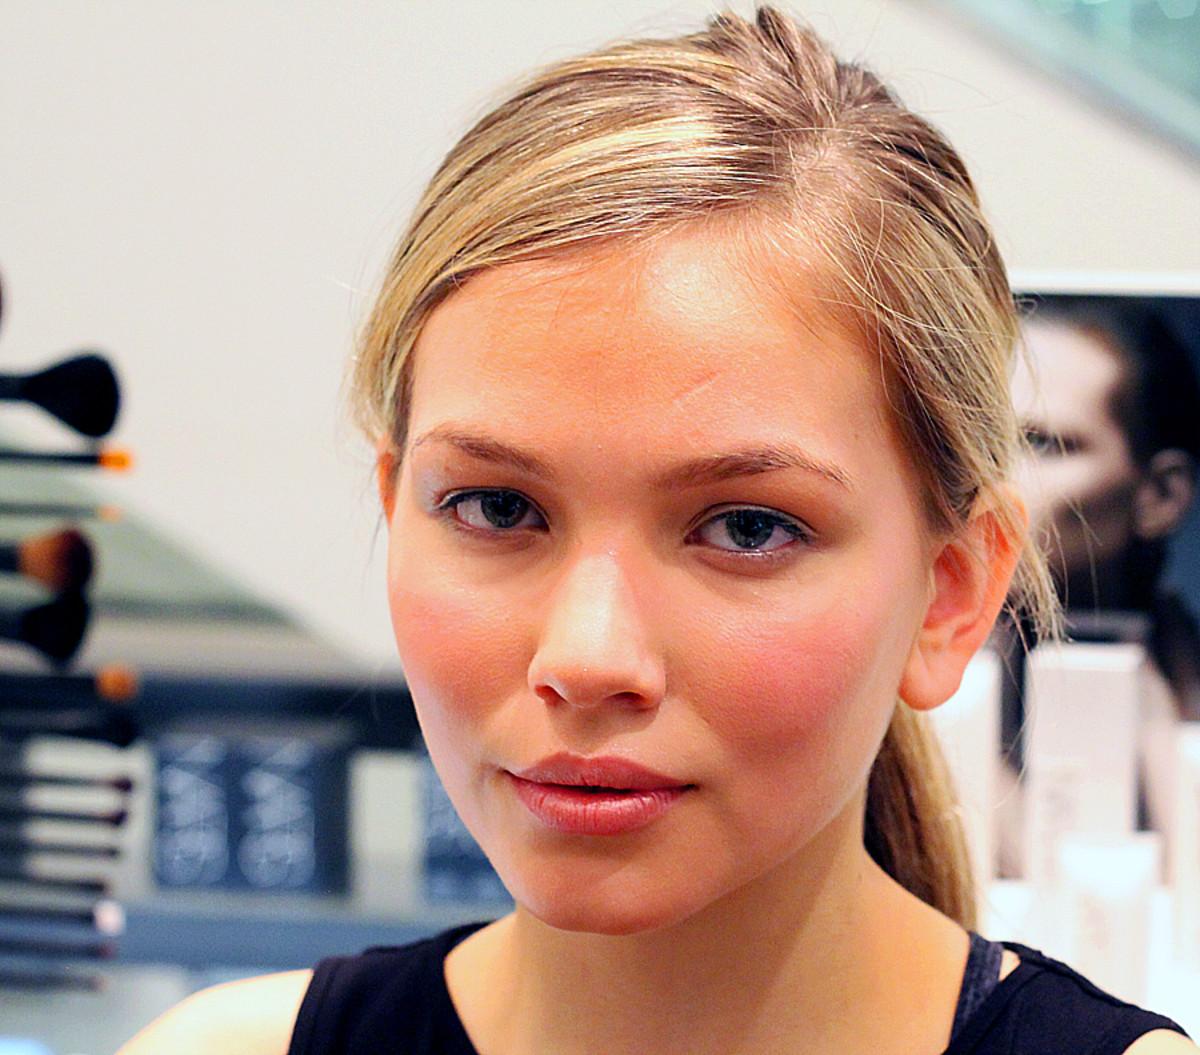 Summer sunburned cheeks (but not really) on model Niki